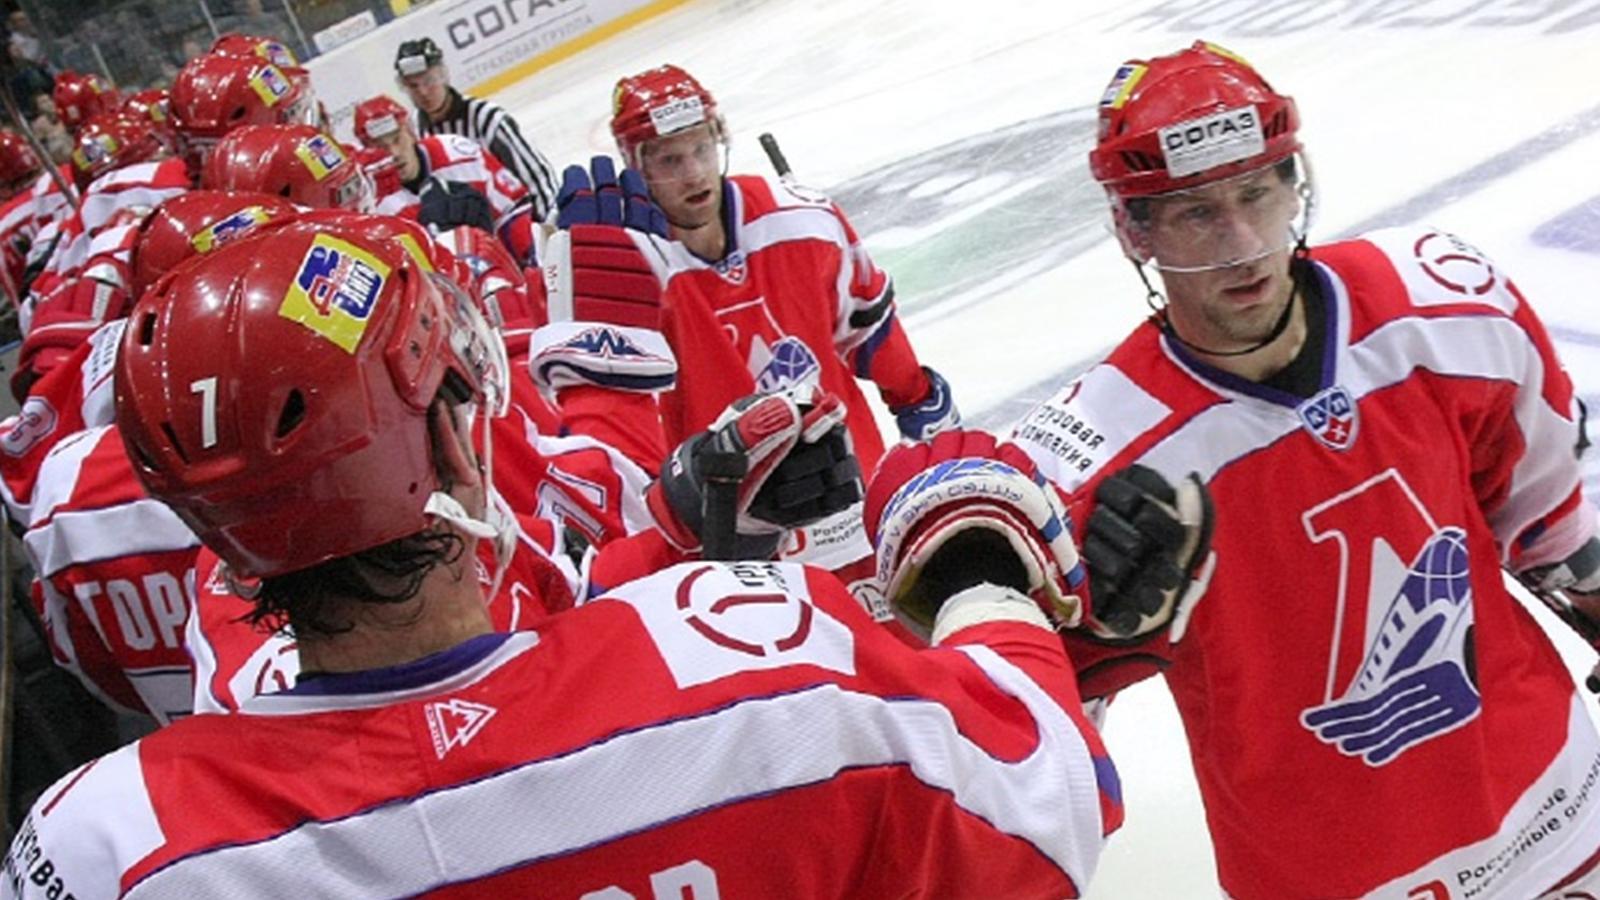 sofascore livescore today fabric sectional sofa icehockey  Älypuhelimen käyttö ulkomailla